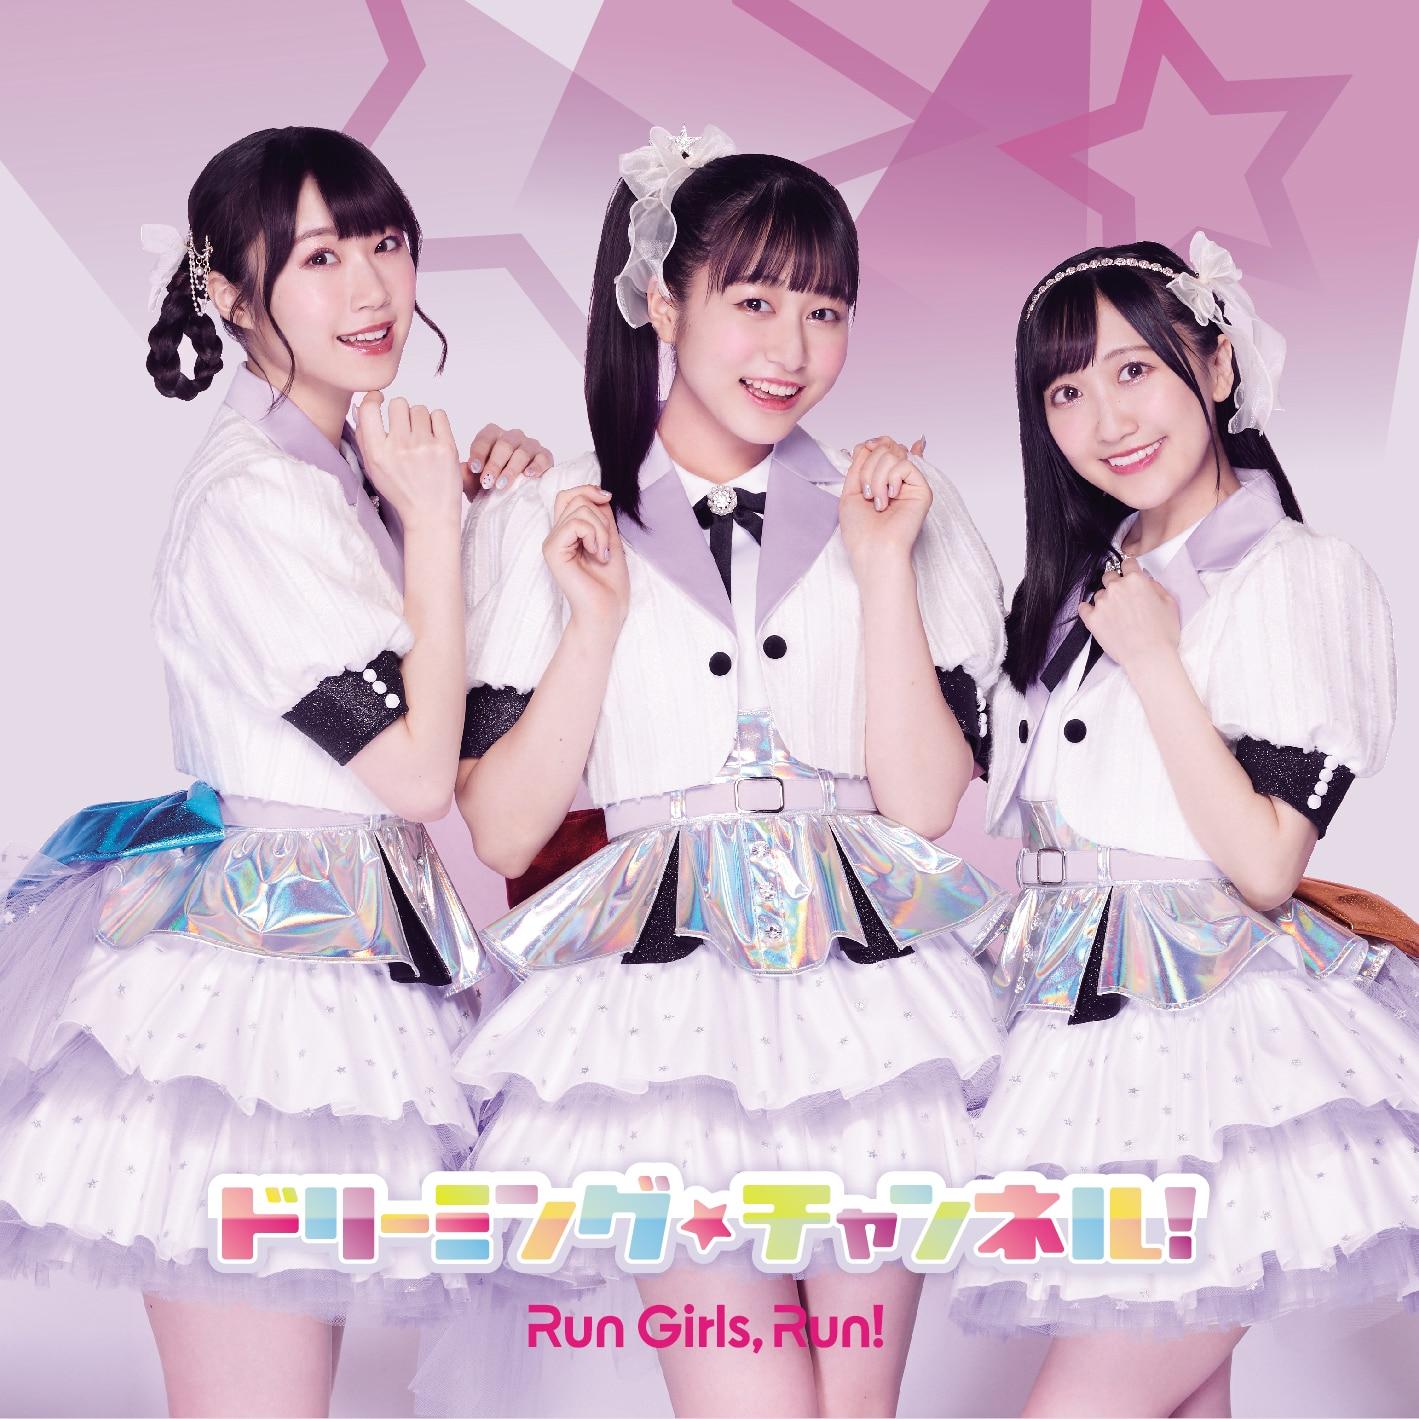 Run Girls, Run!ネットチェキ会開催決定!